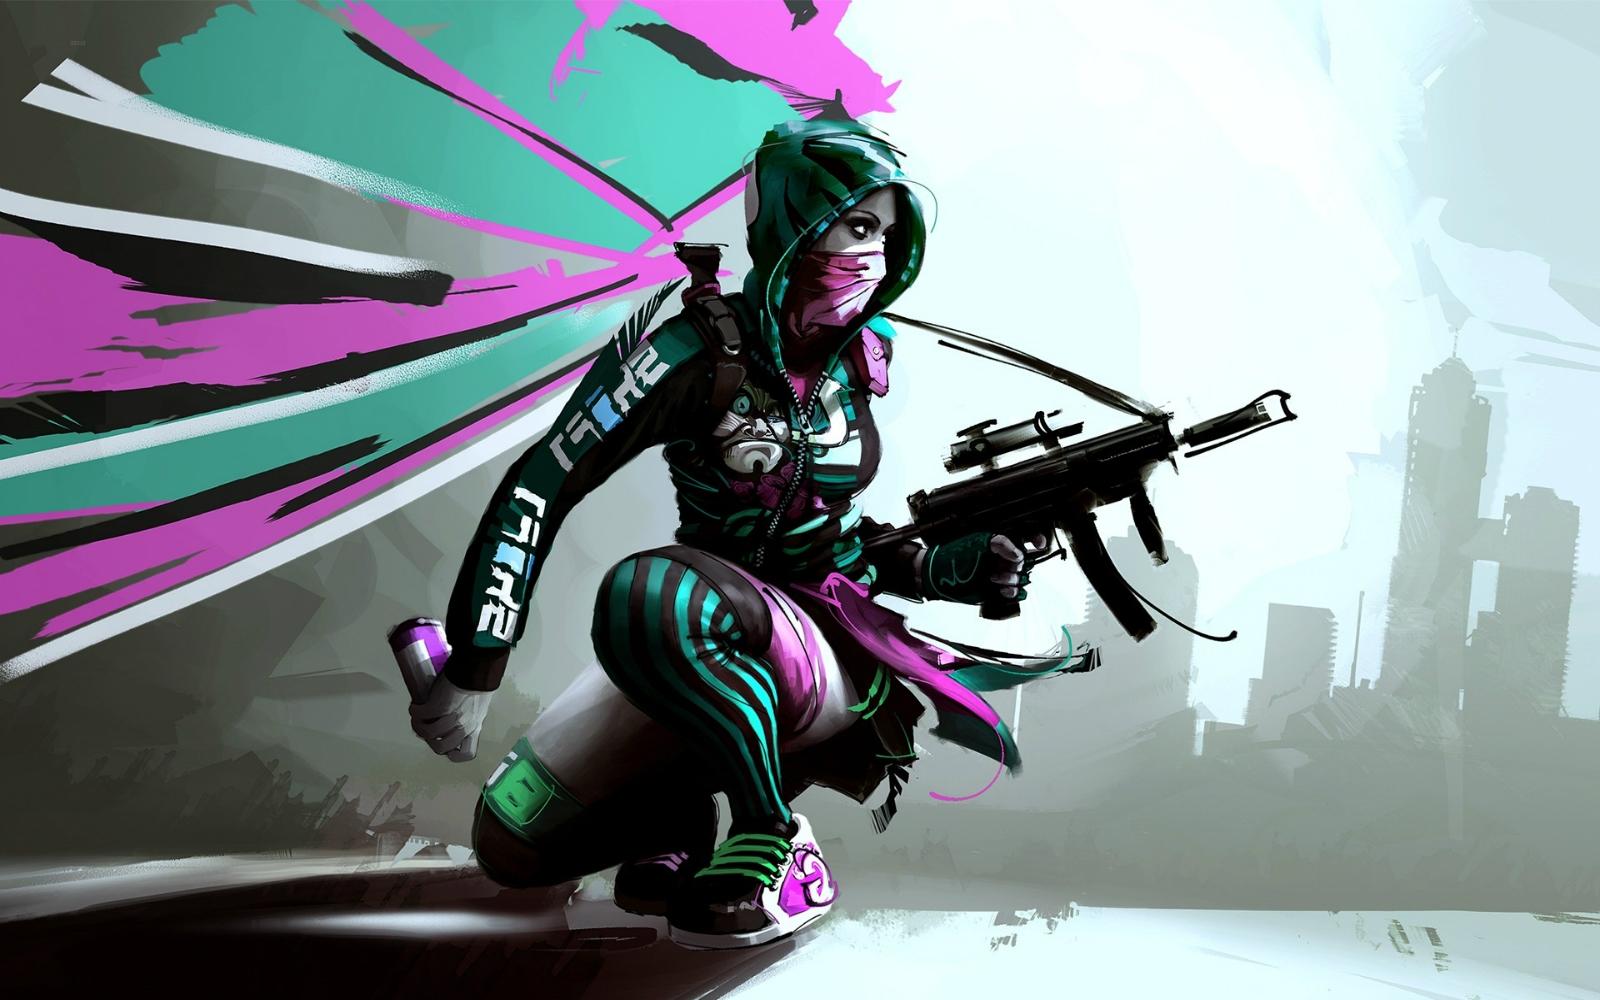 http://3.bp.blogspot.com/-VFr6hhmlHdc/TlwXc7yZZKI/AAAAAAAAAvg/2BSNbQGgX8k/s1600/apb_reloaded_closed_beta_girls_gun_artwork_colorfull_san_puro_background_Wallpaper_widescreenwallpapersbox.blogspot.com.jpg